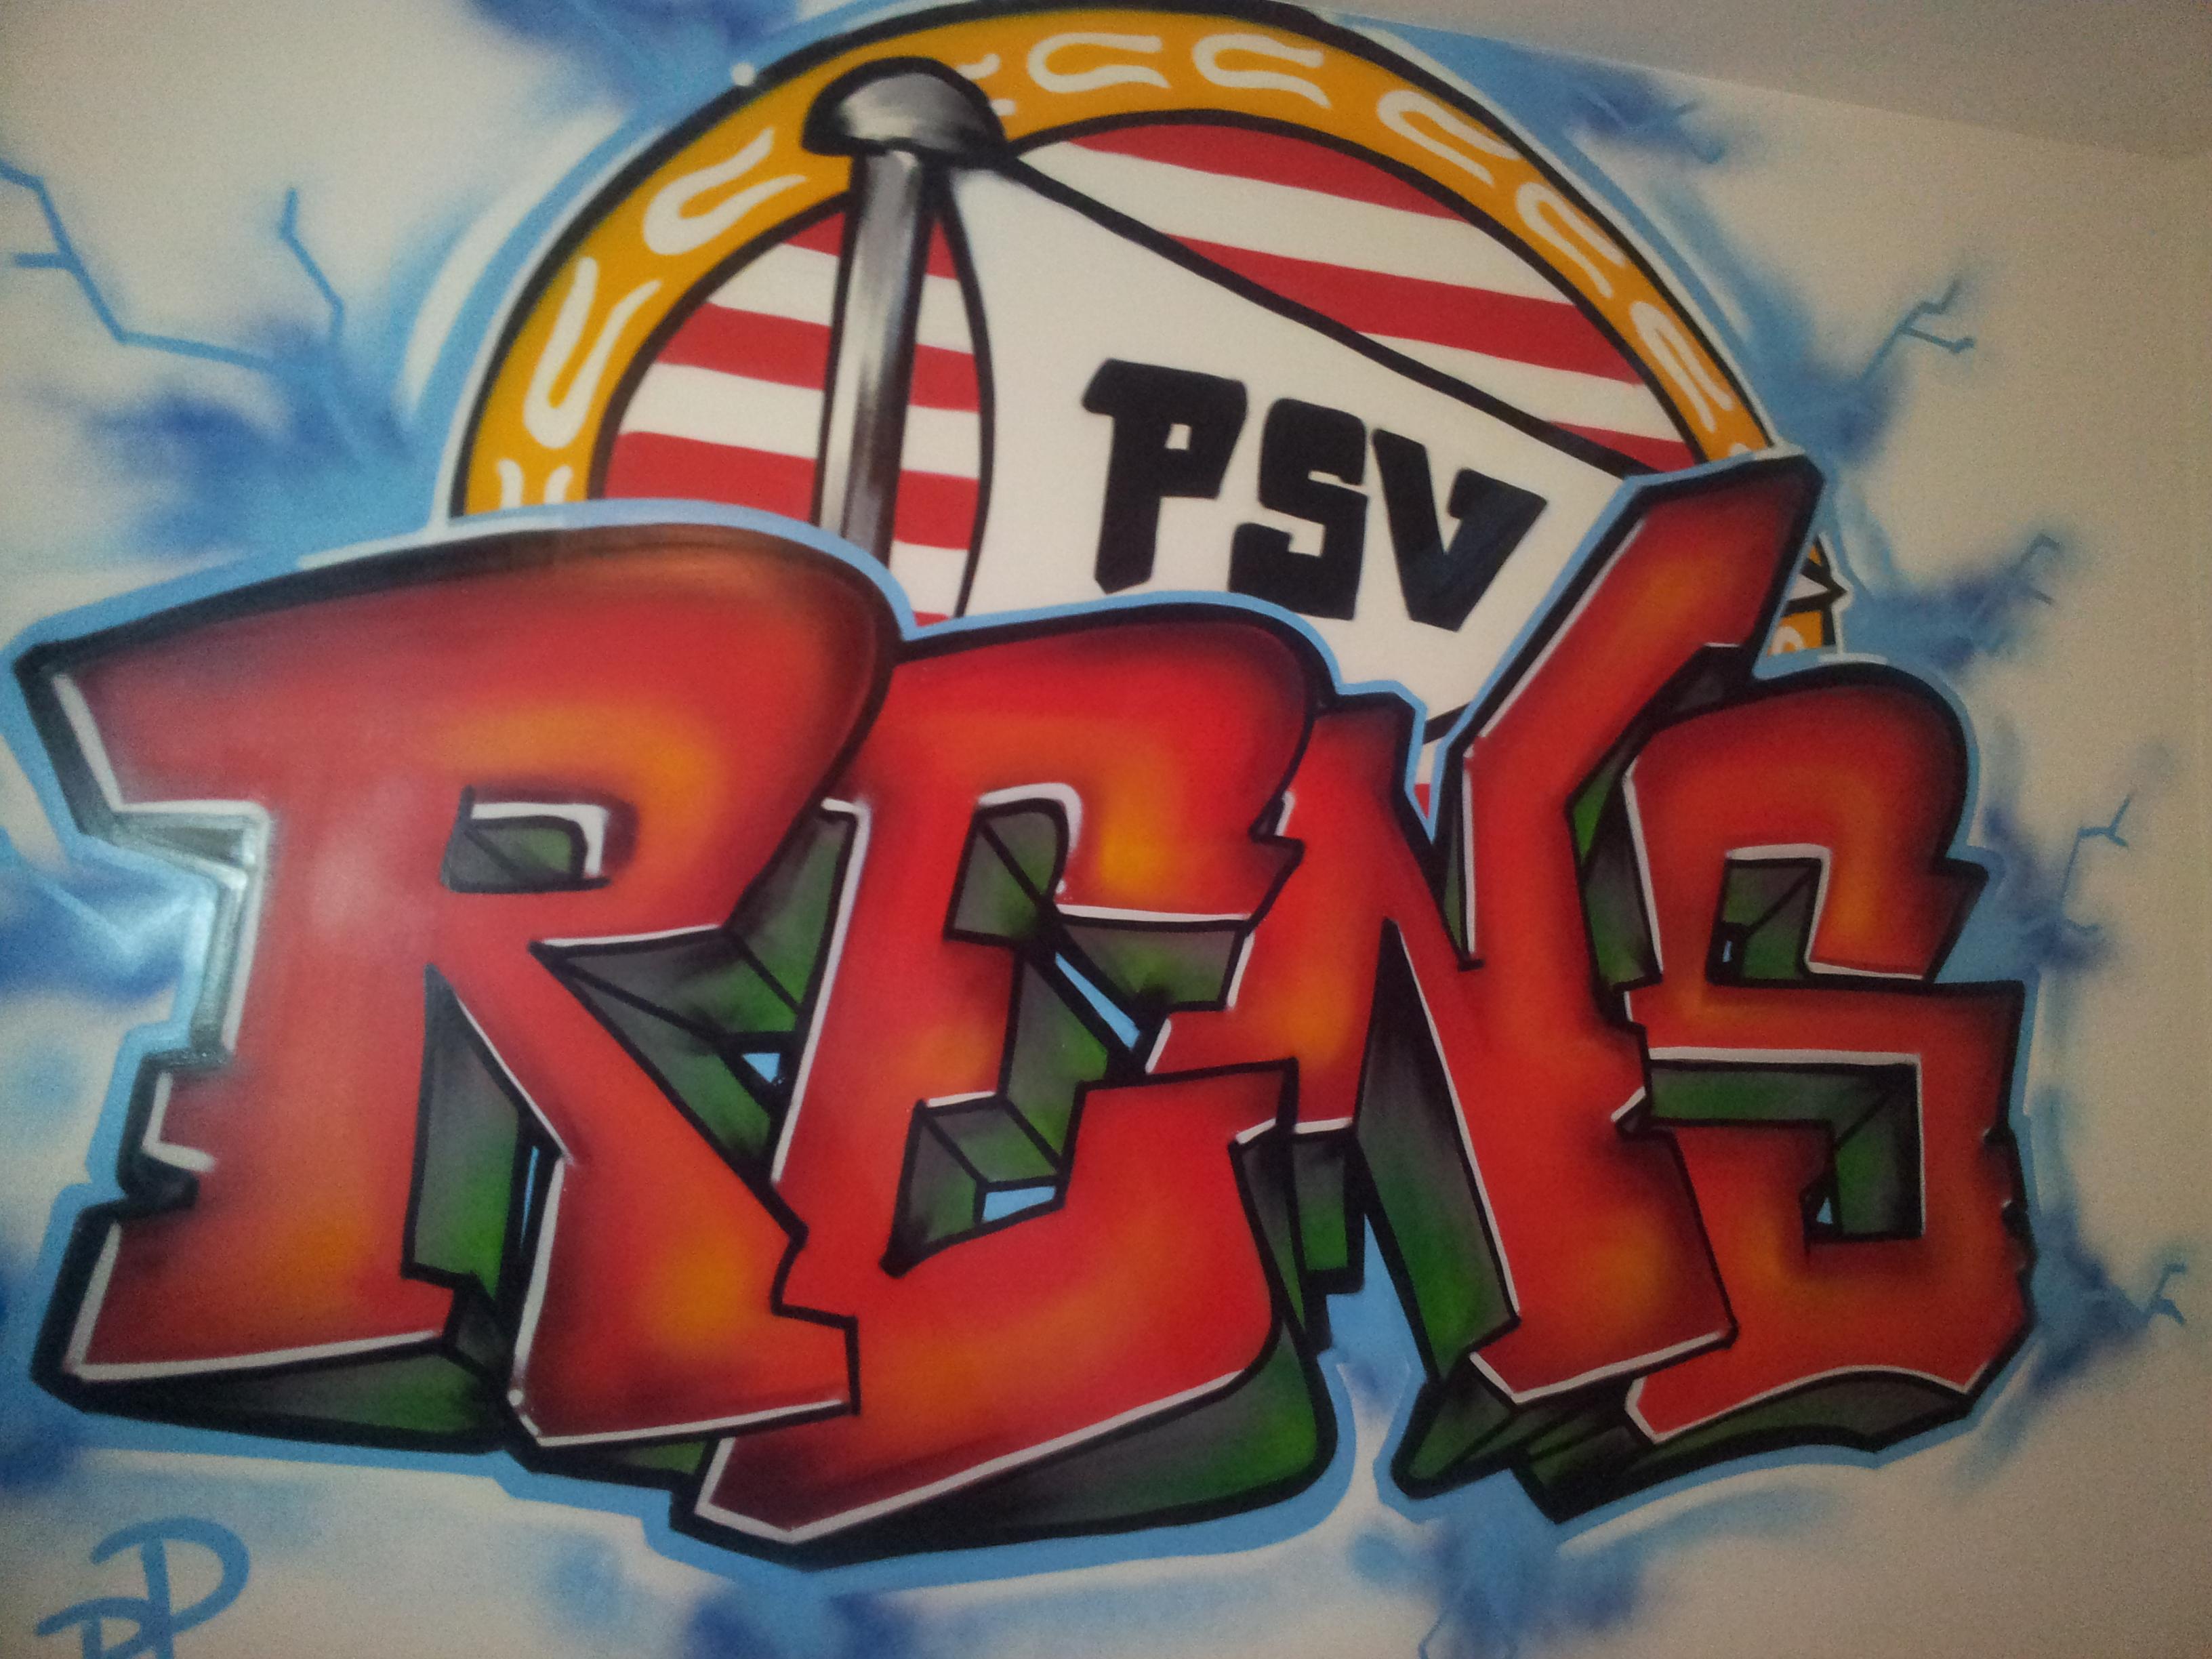 Graffiti Rens | 123 Graffiti Graffiti